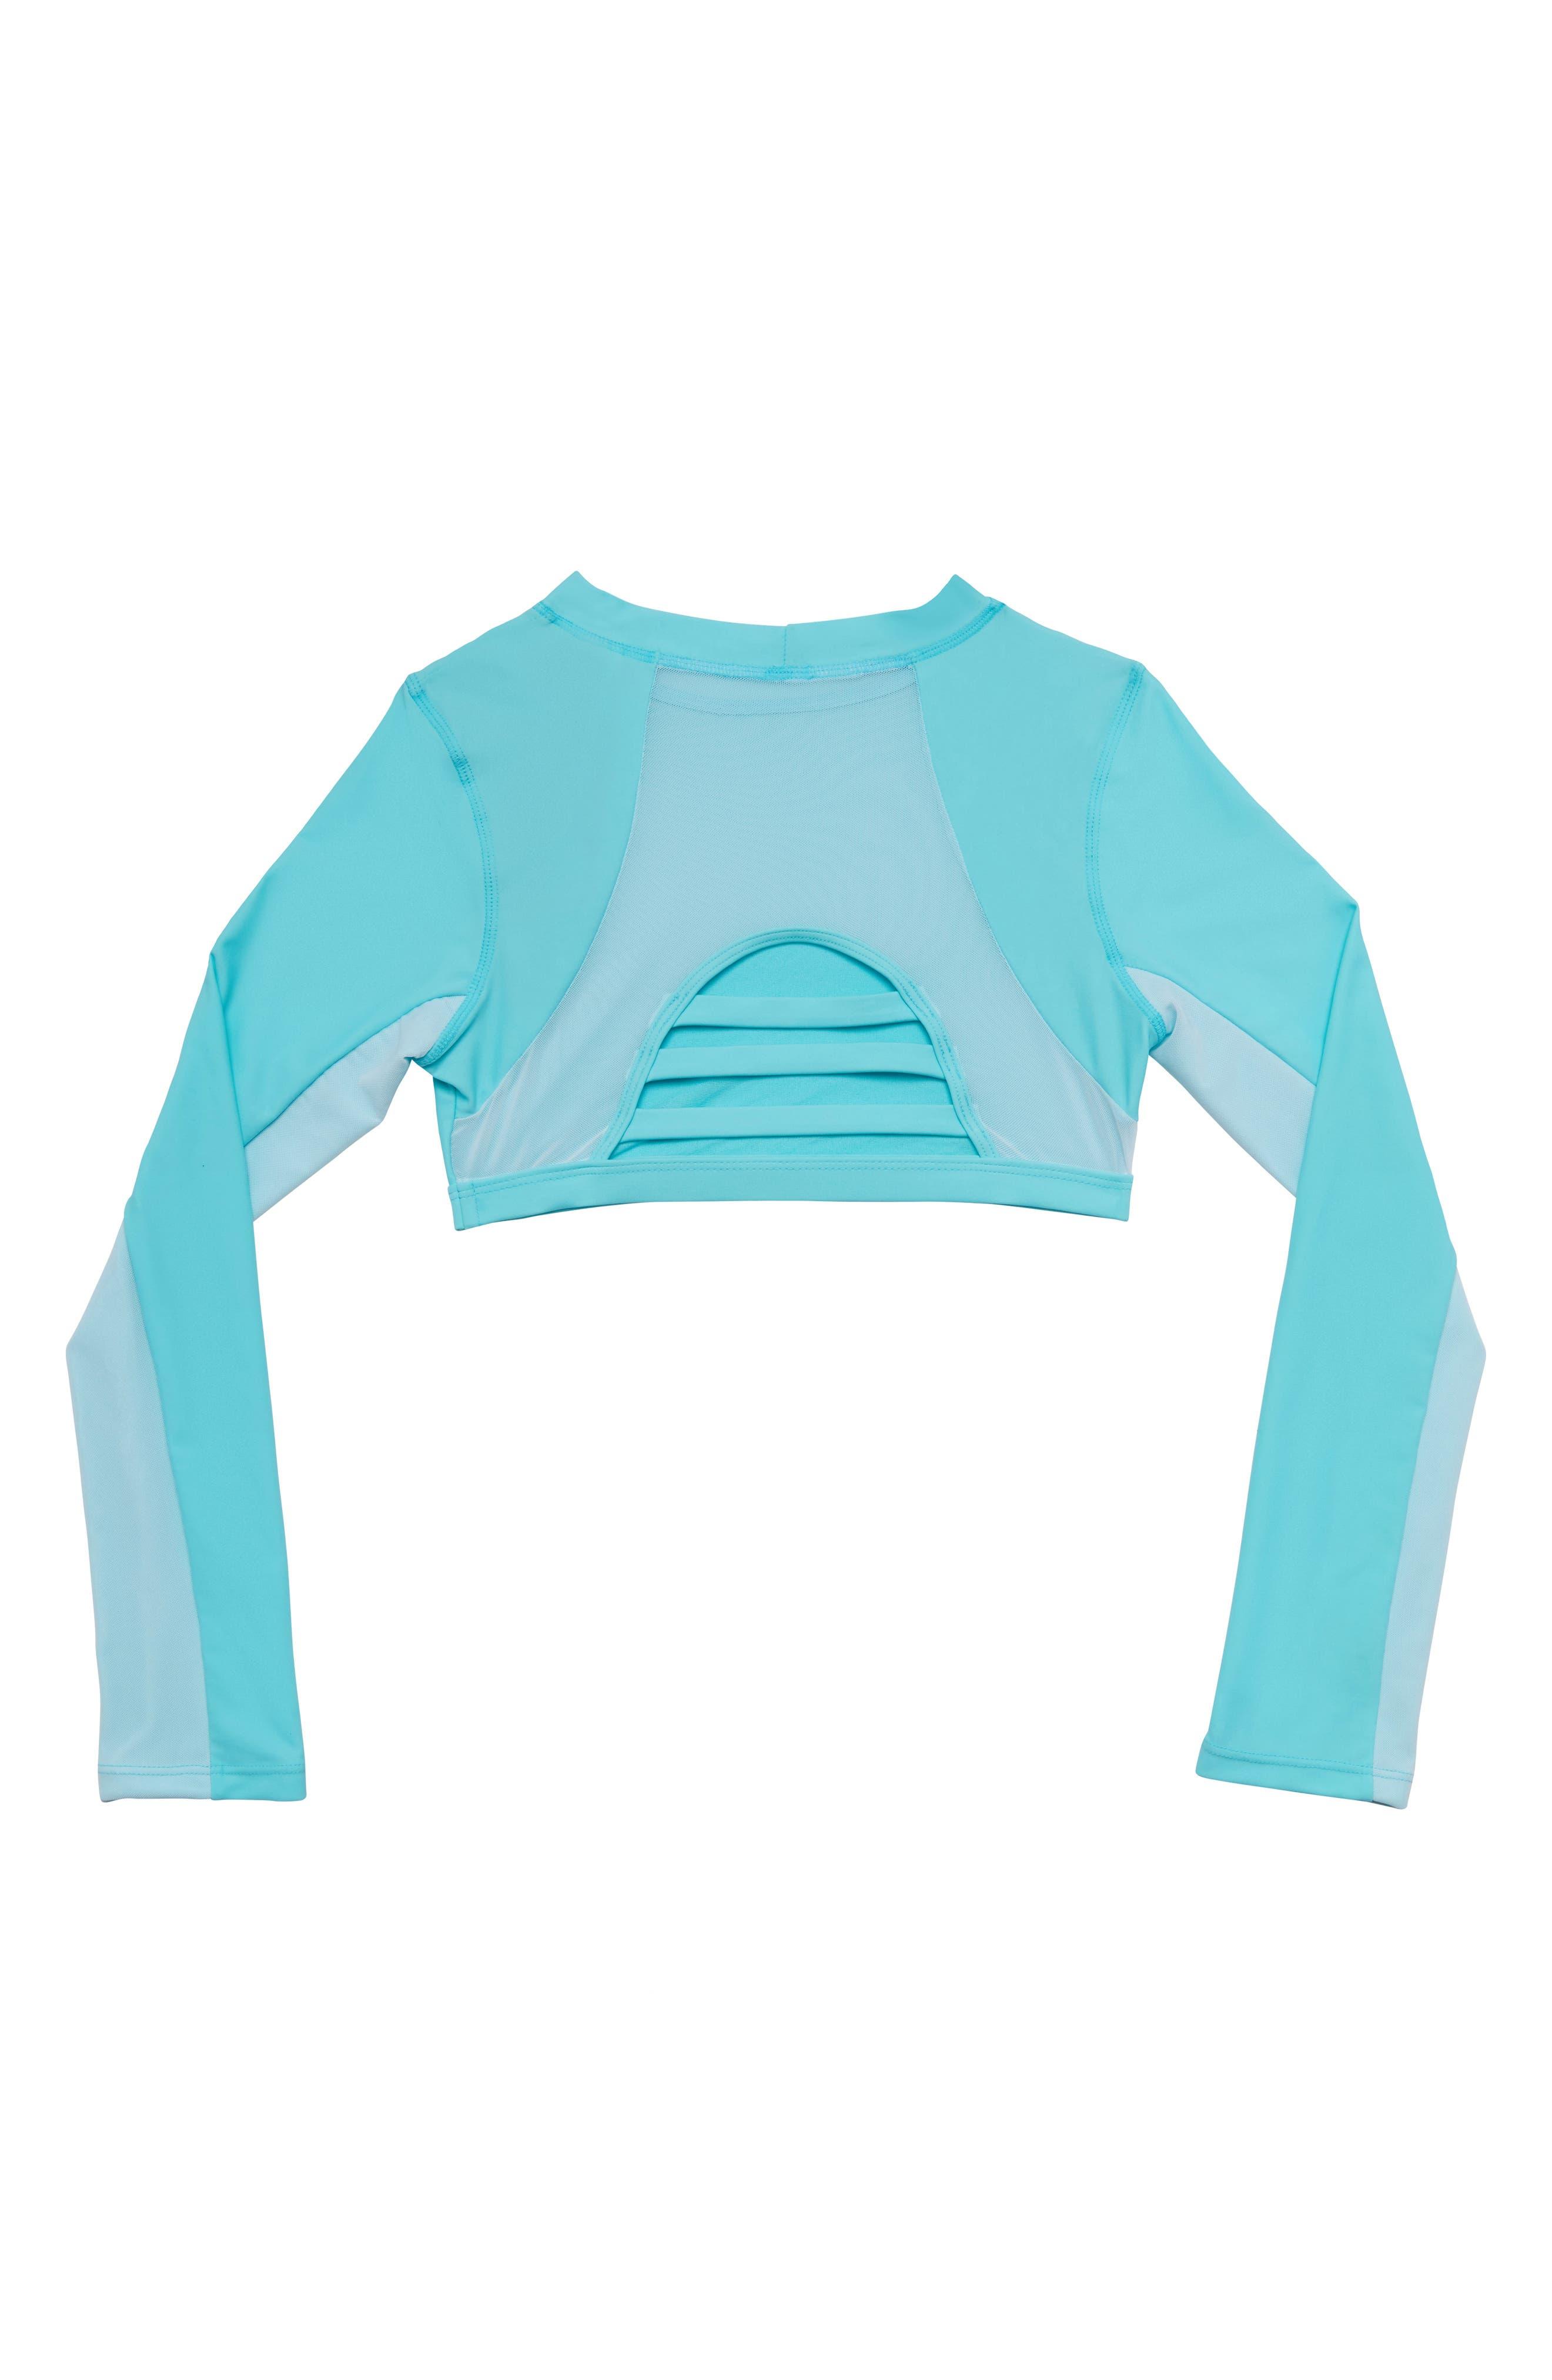 Rashguard Mesh Swim Top,                             Alternate thumbnail 2, color,                             BLUE